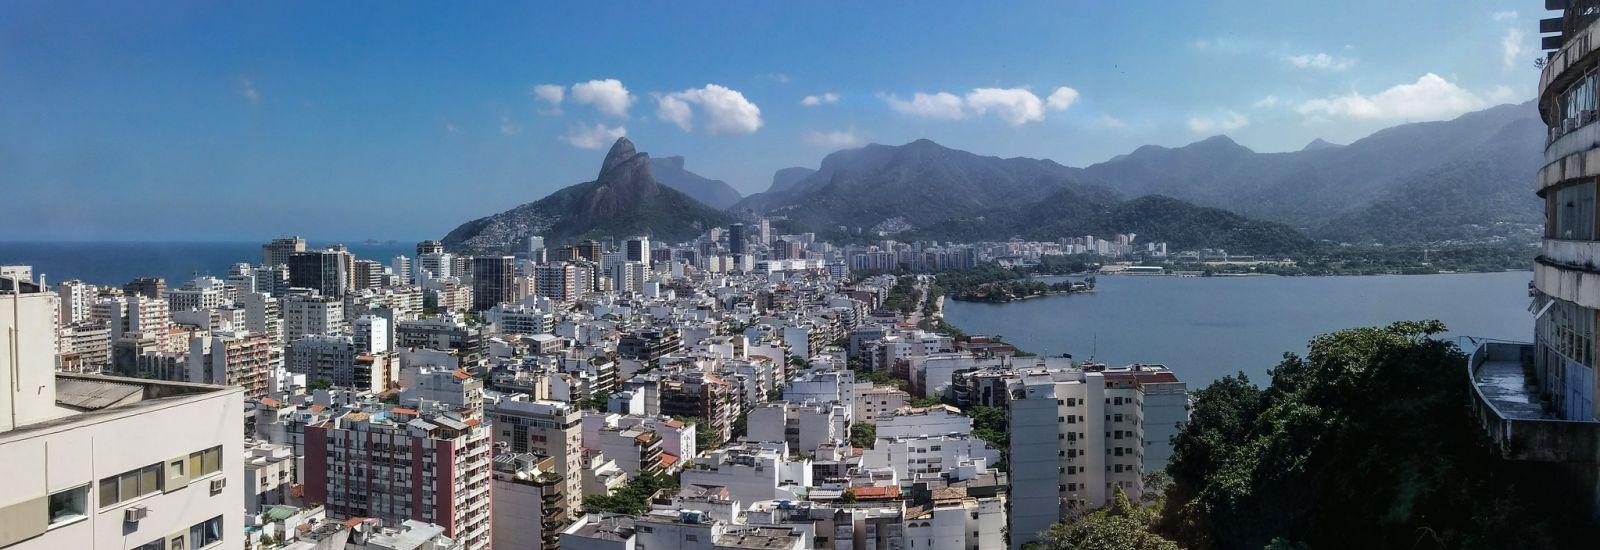 View over Rio de Janeiro, looking towards mountains